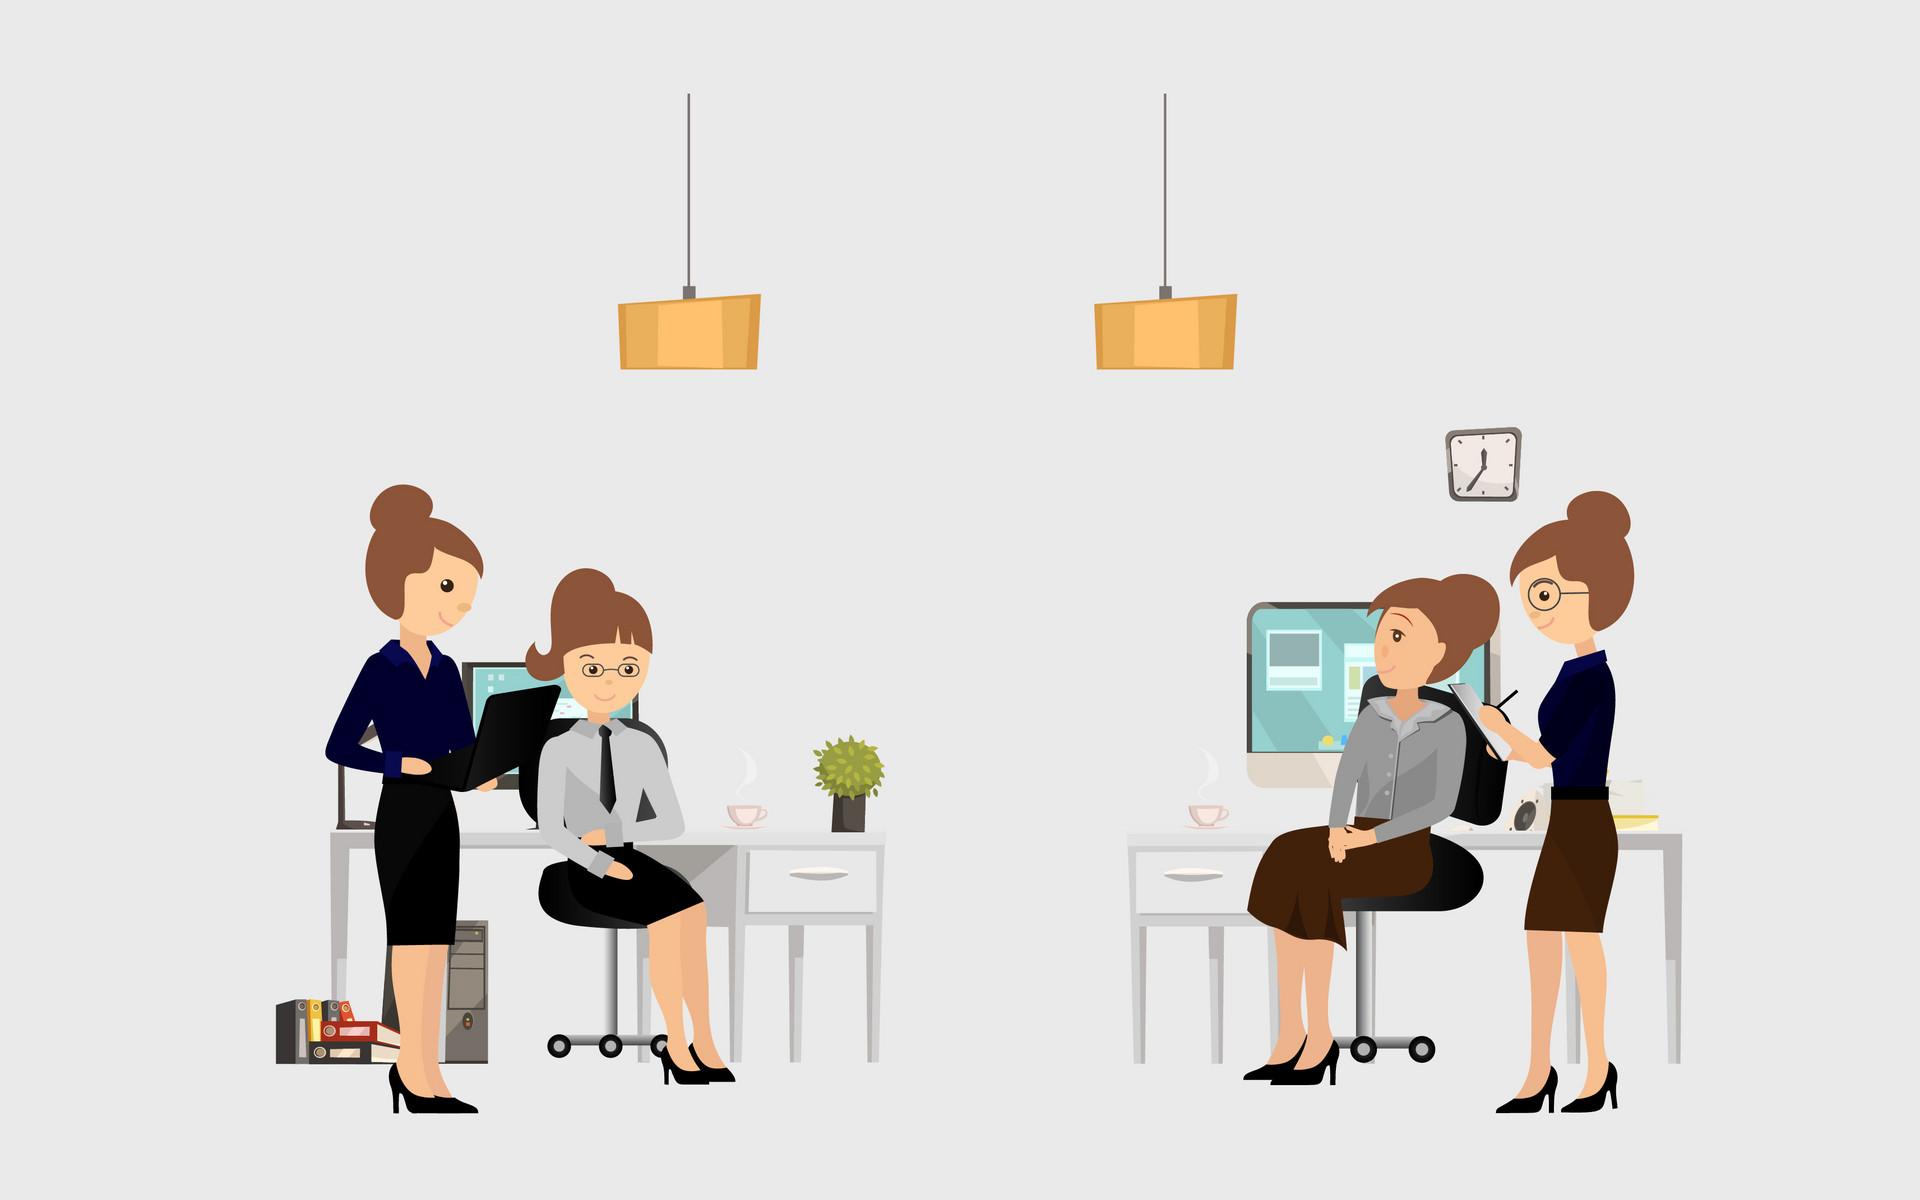 代发薪资合作条件:企业必须遵守的条约